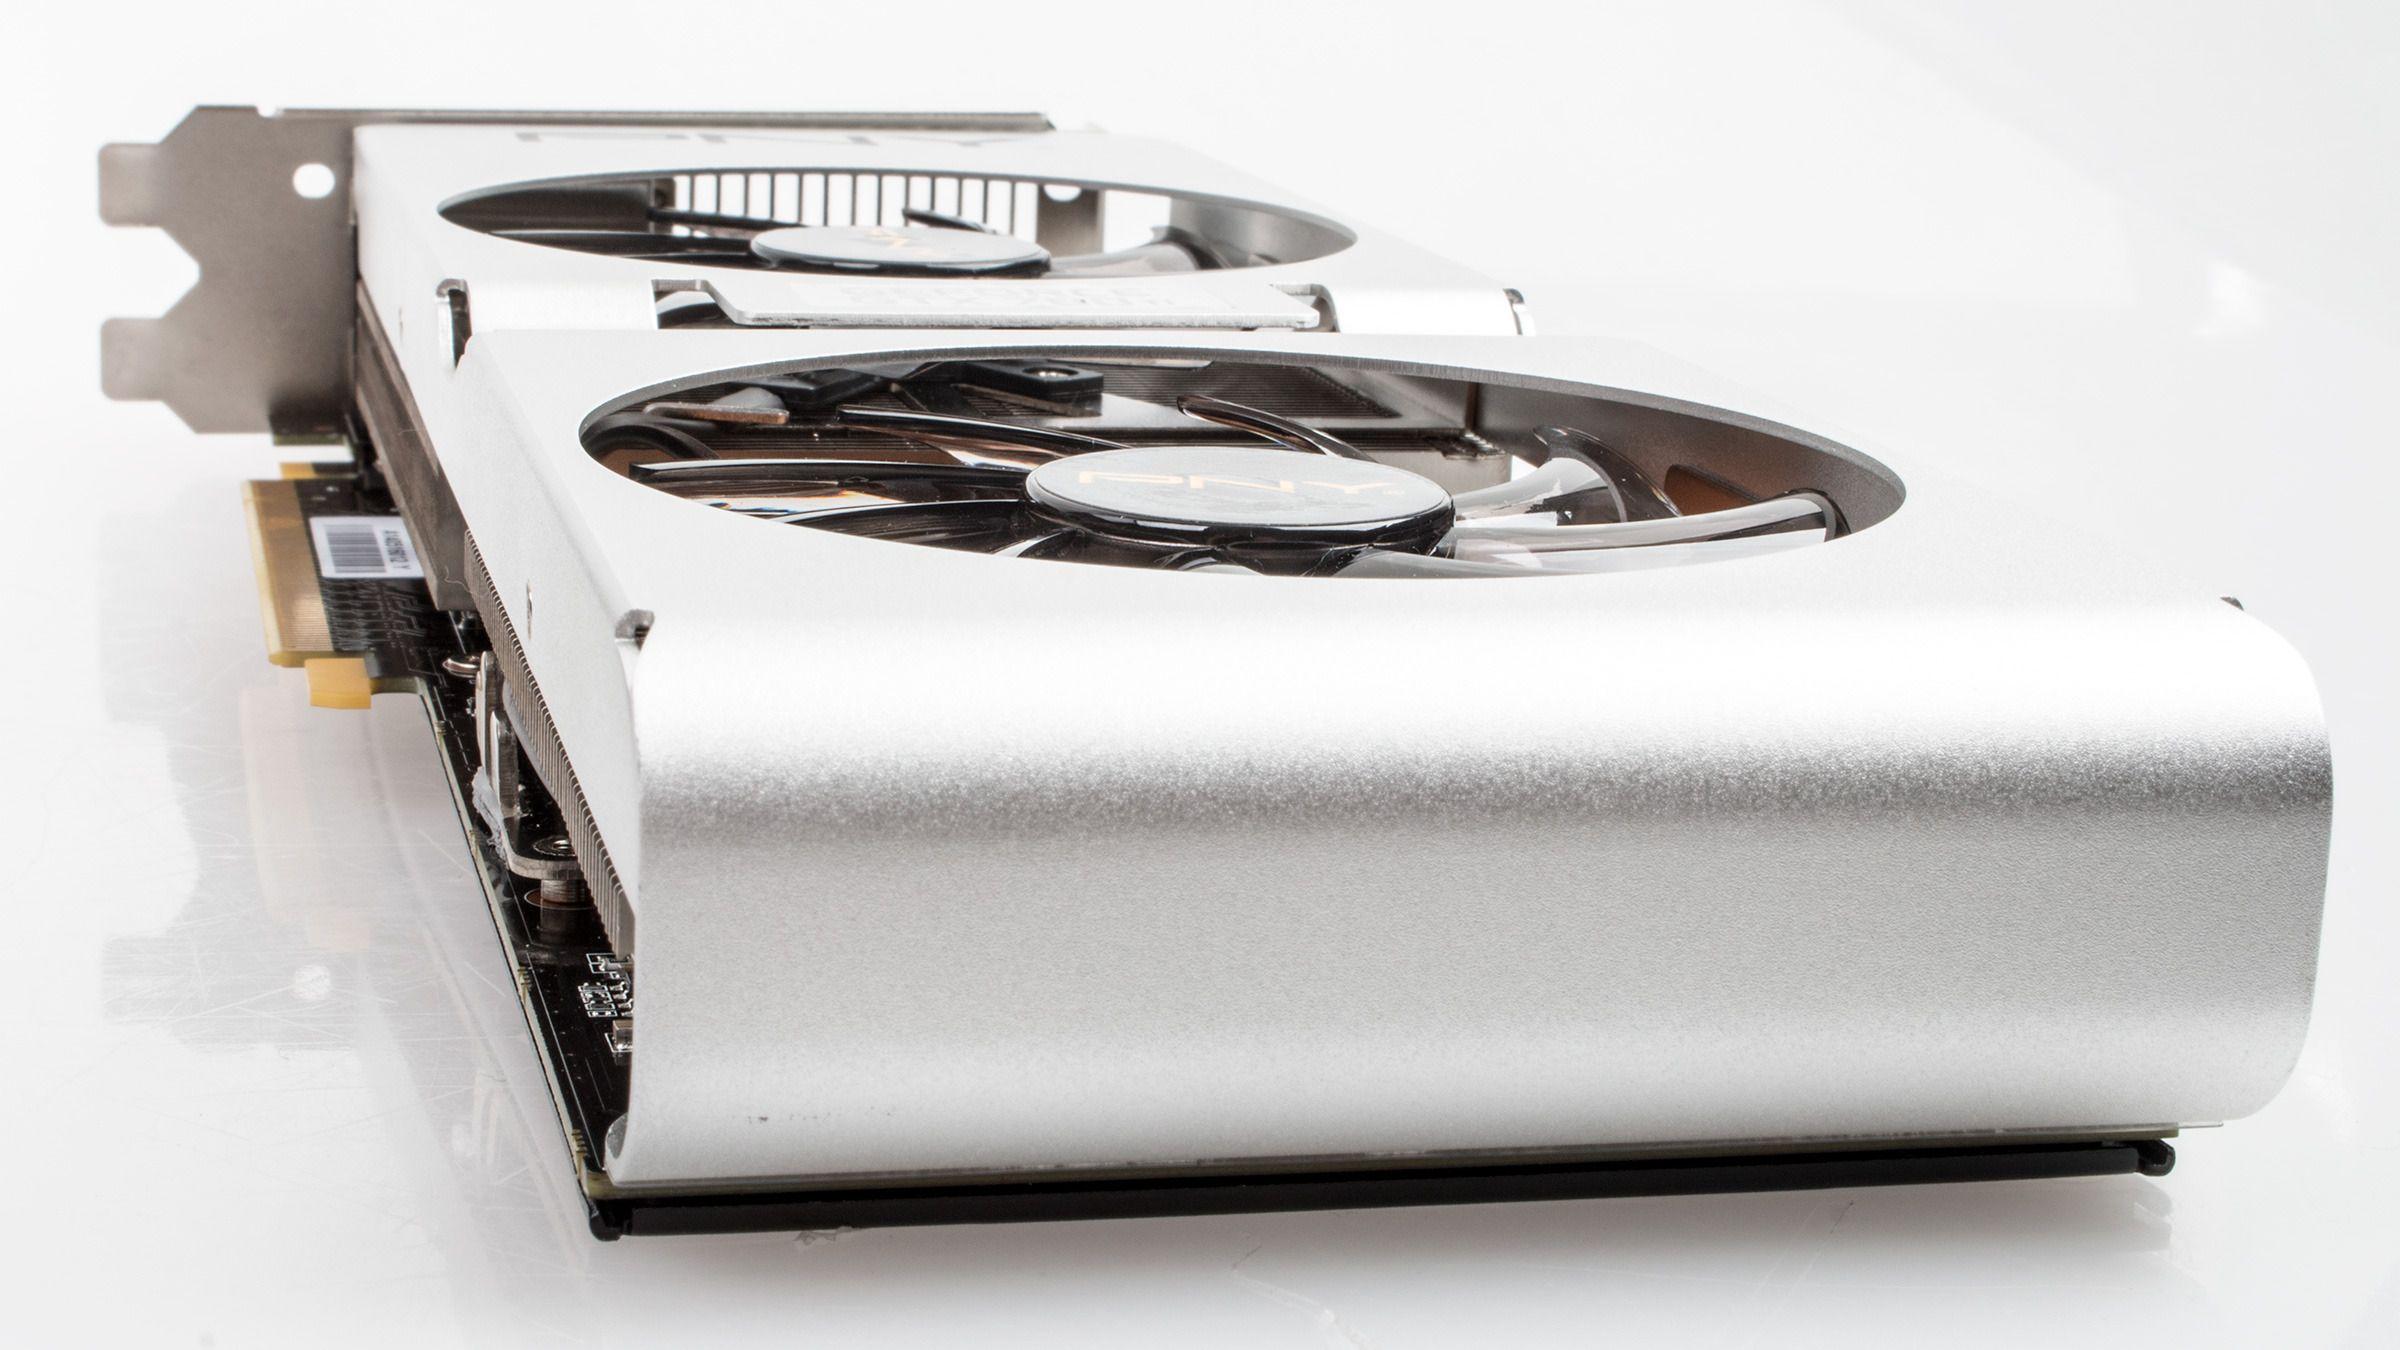 PNY XLR8 GeForce GTX 780 Ti PP, med en avrundet kant på bakenden av kortet.